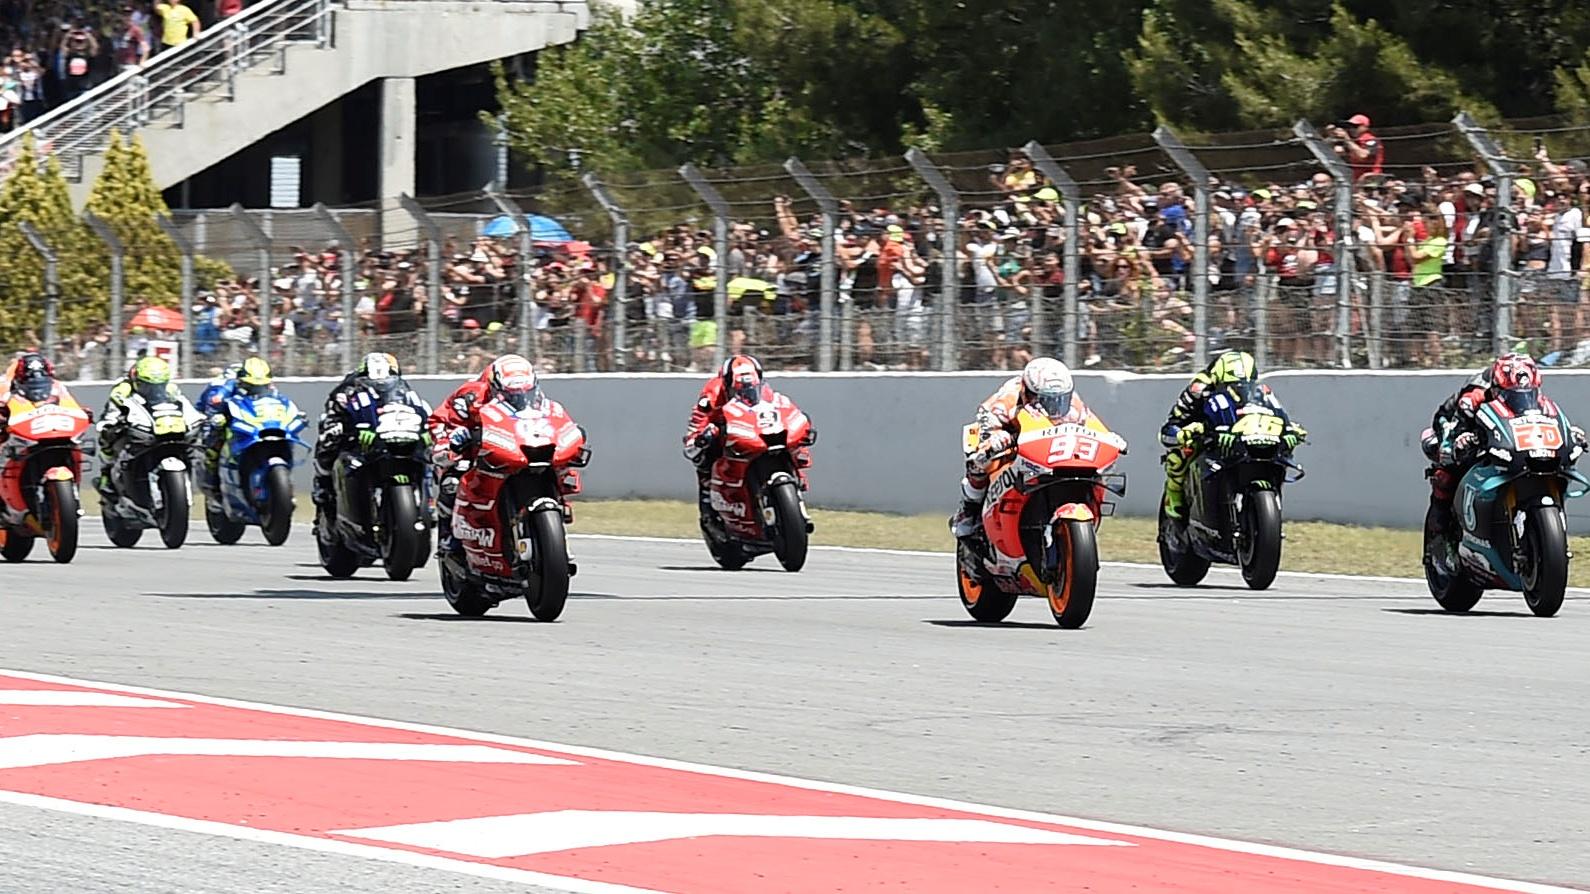 Quién puede ganar un título de MotoGP a Marc Márquez